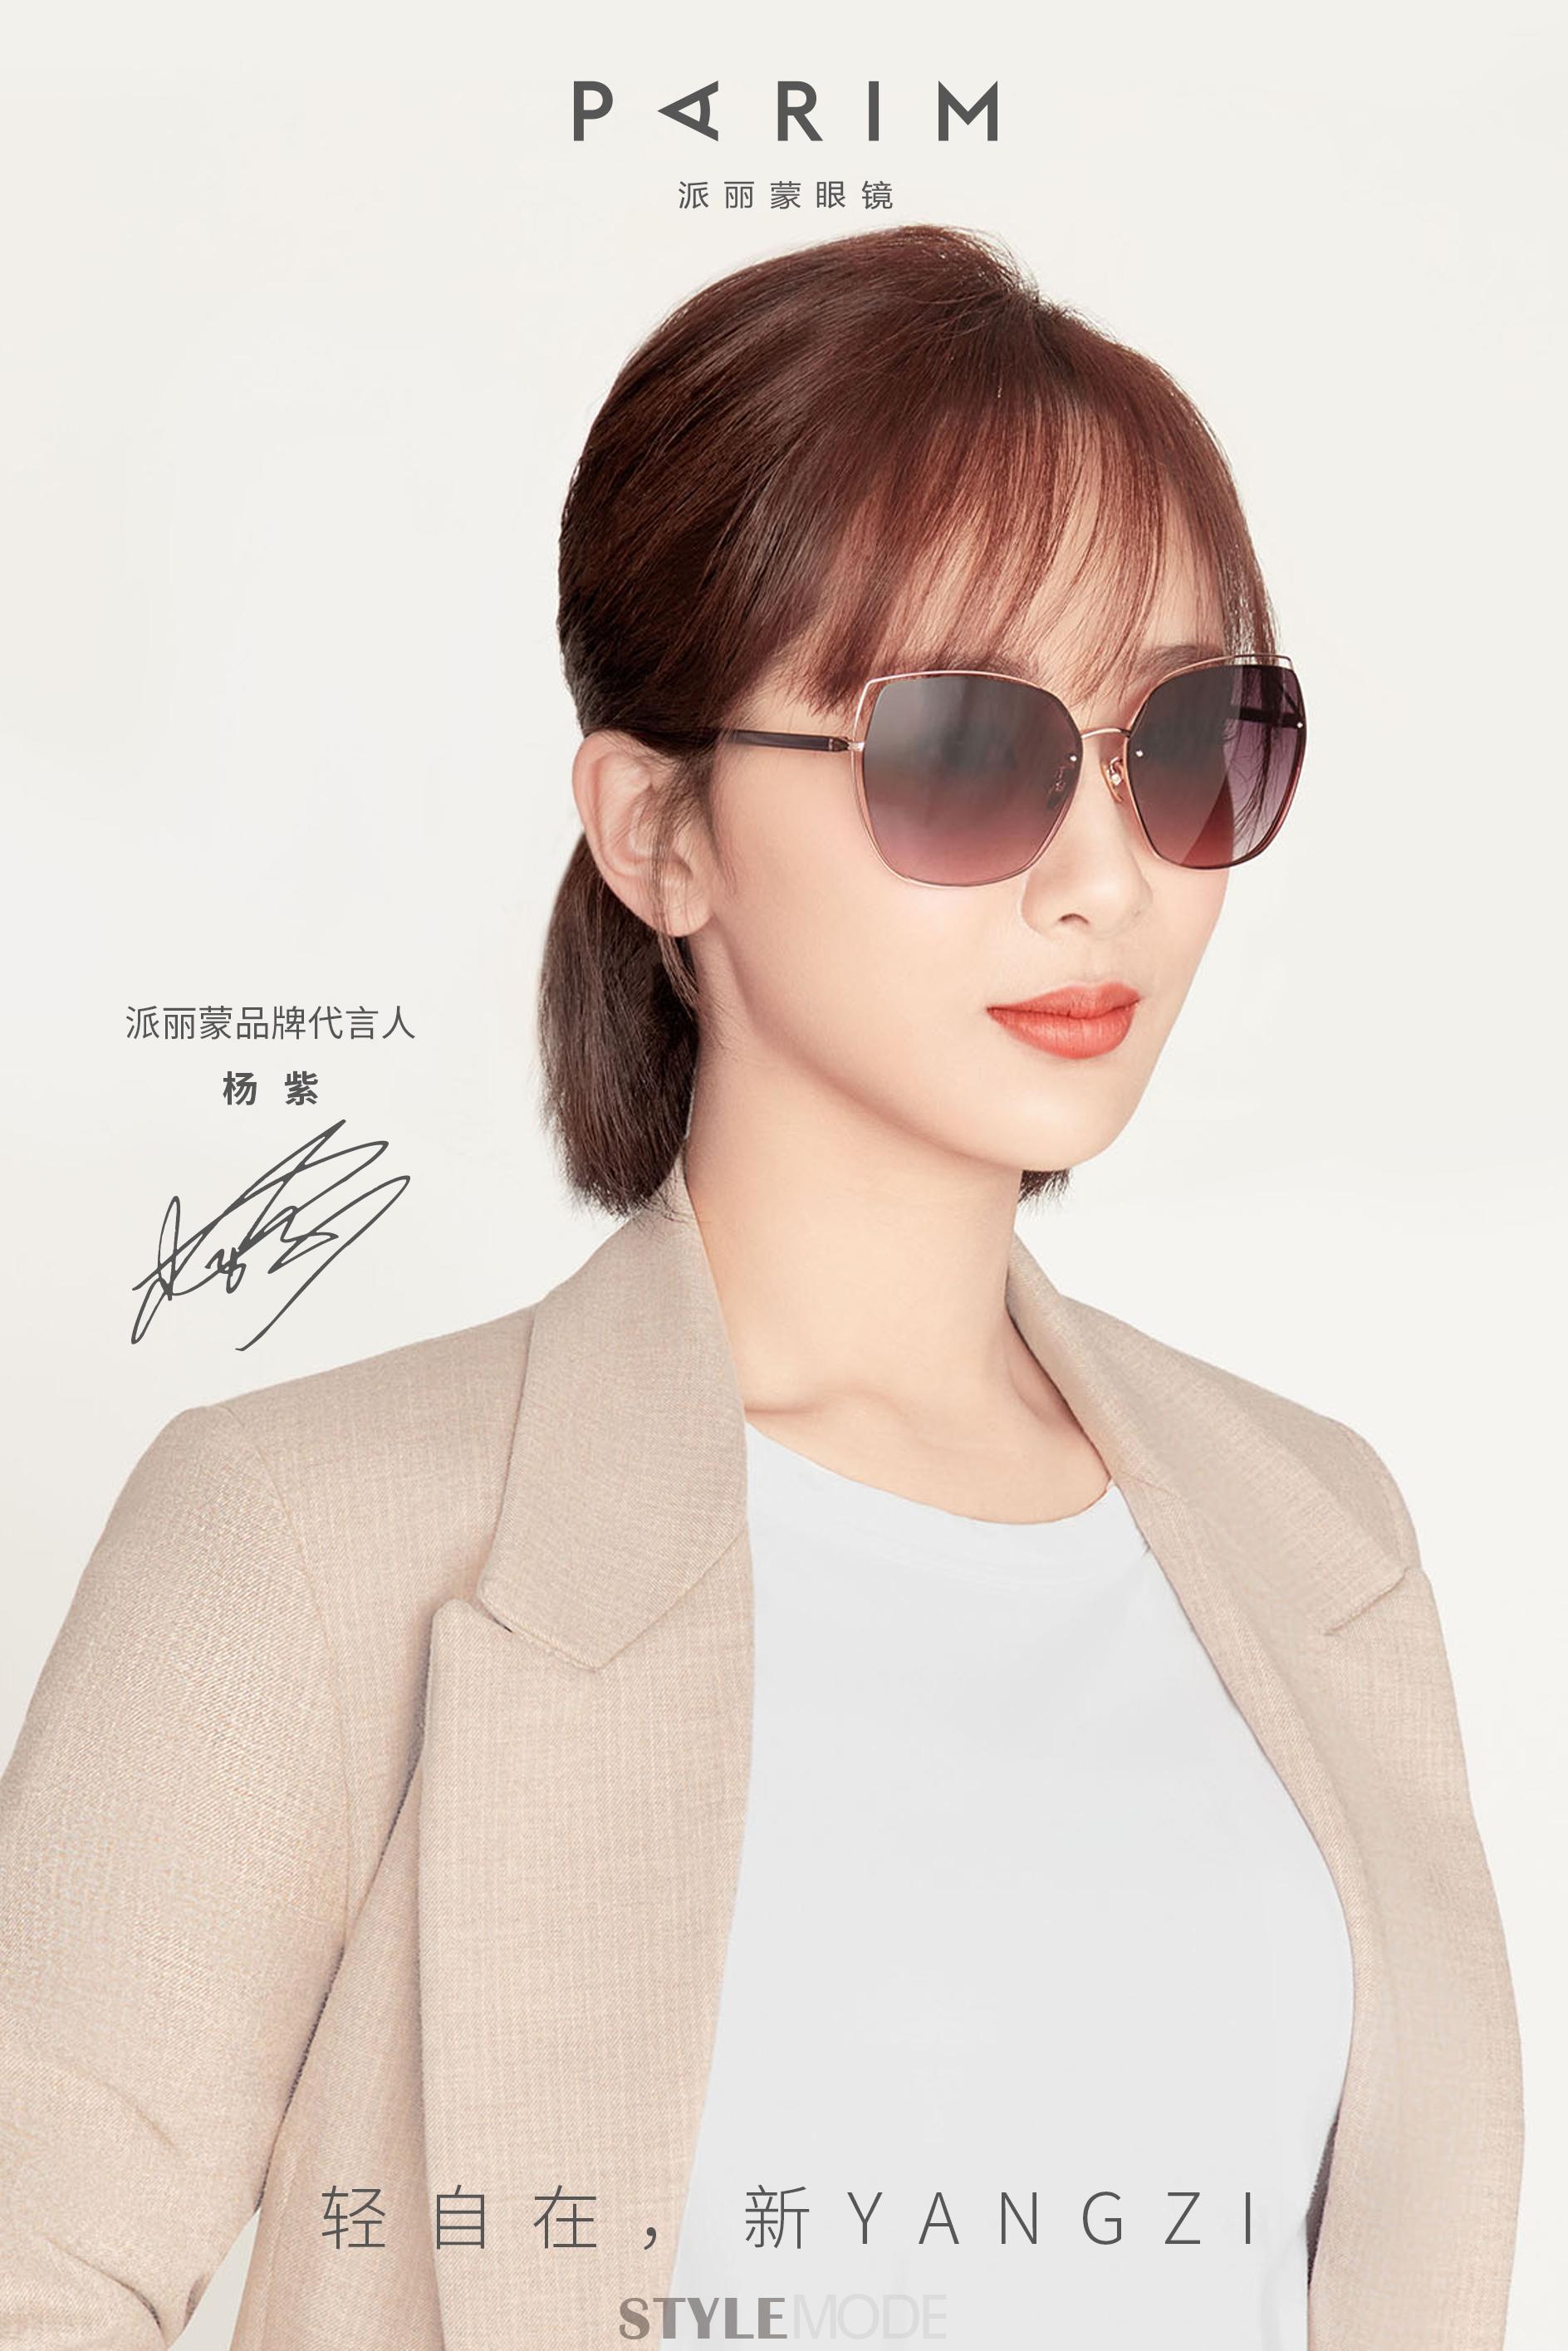 派丽蒙眼镜官宣新代言人杨紫,演绎轻自在主题